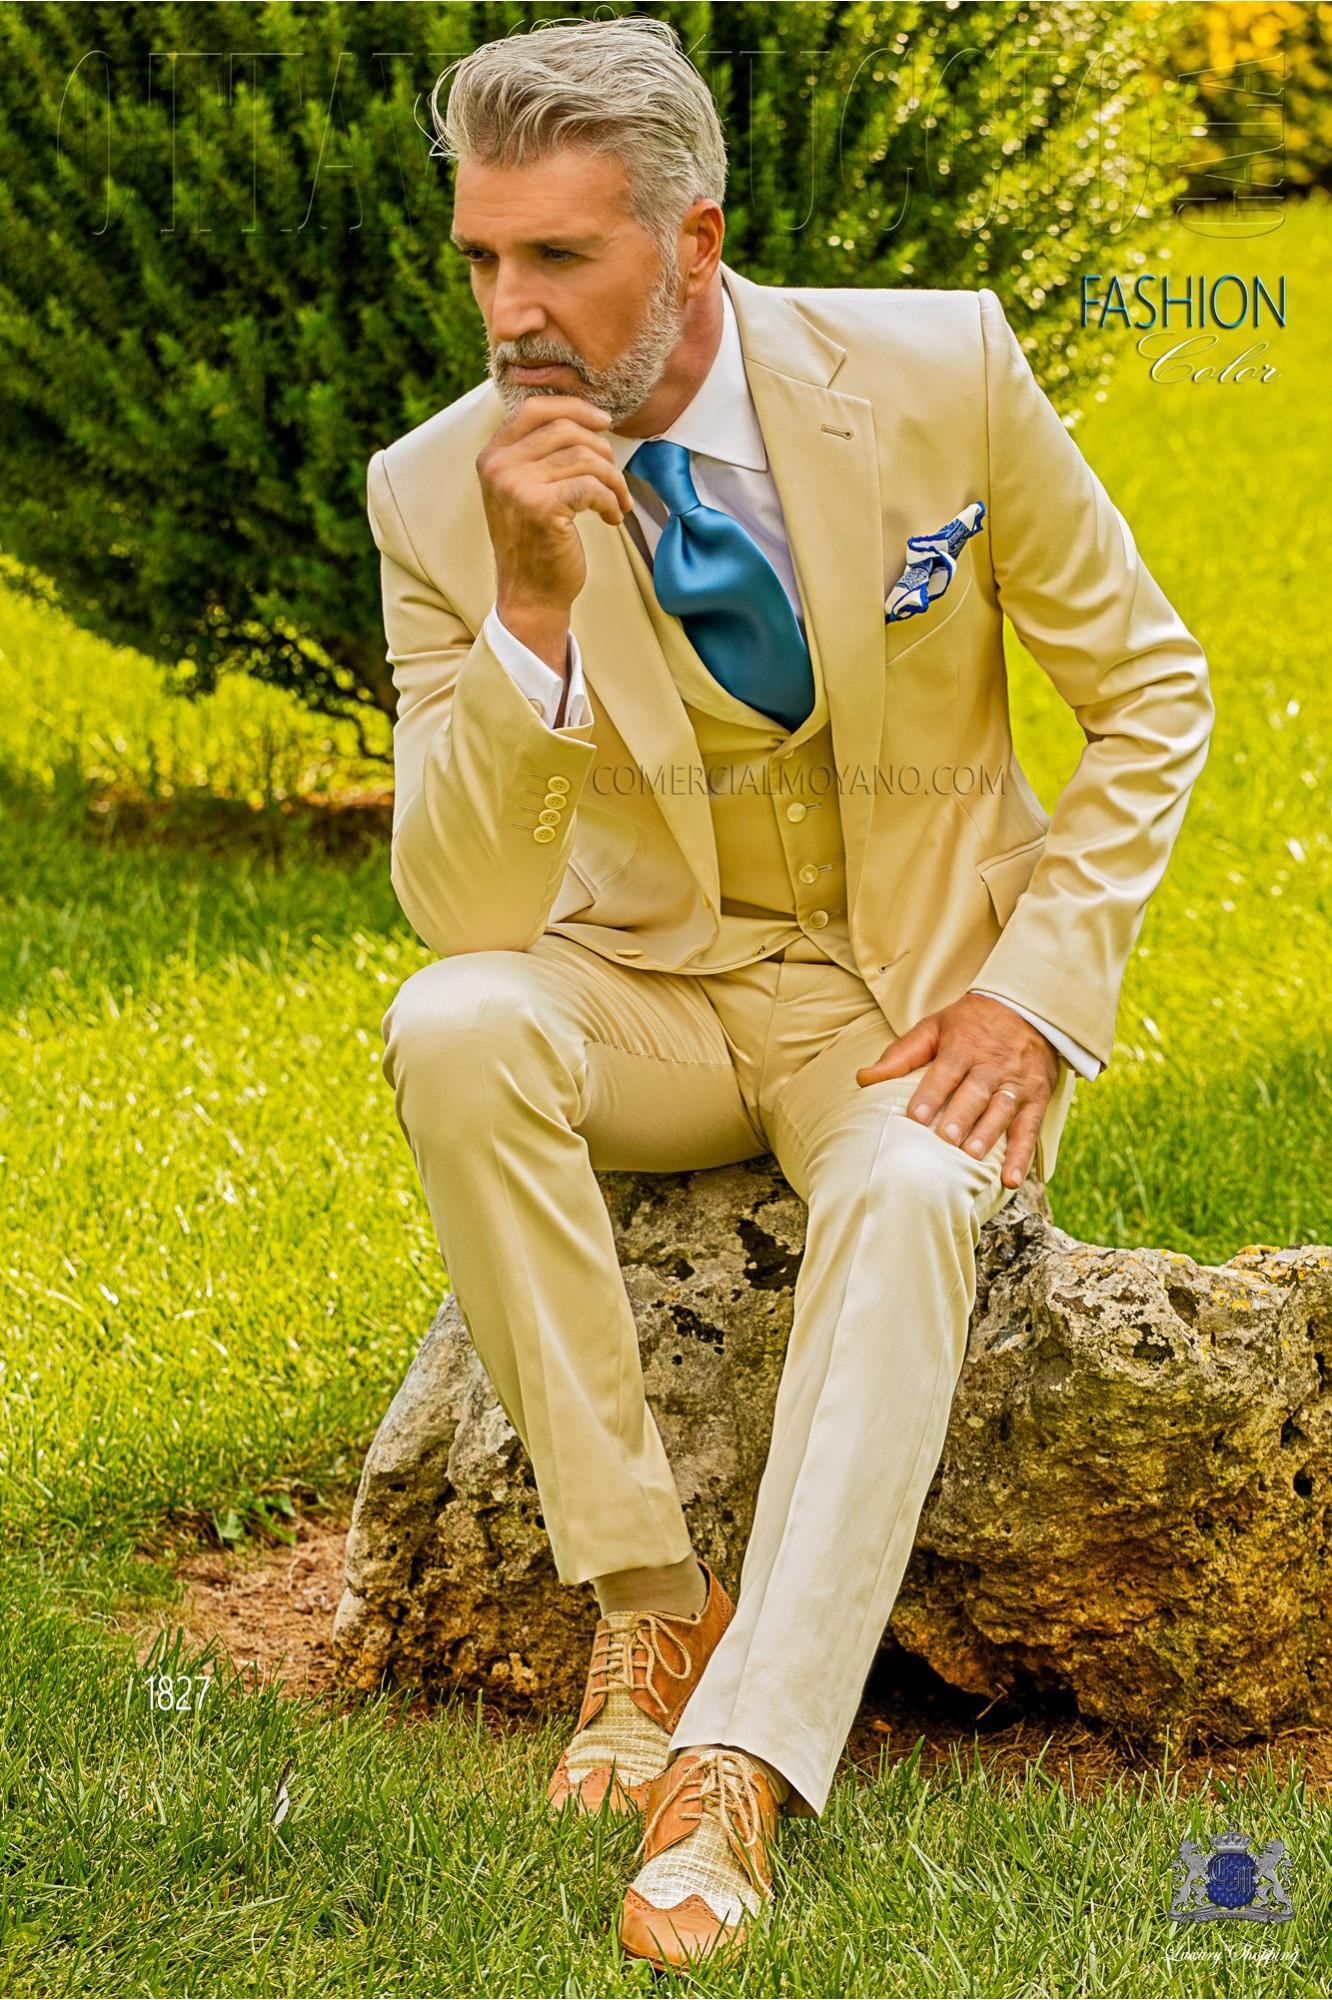 Traje italiano a medida beige en raso de algodón modelo: 1827 Ottavio Nuccio Gala colección Hipster